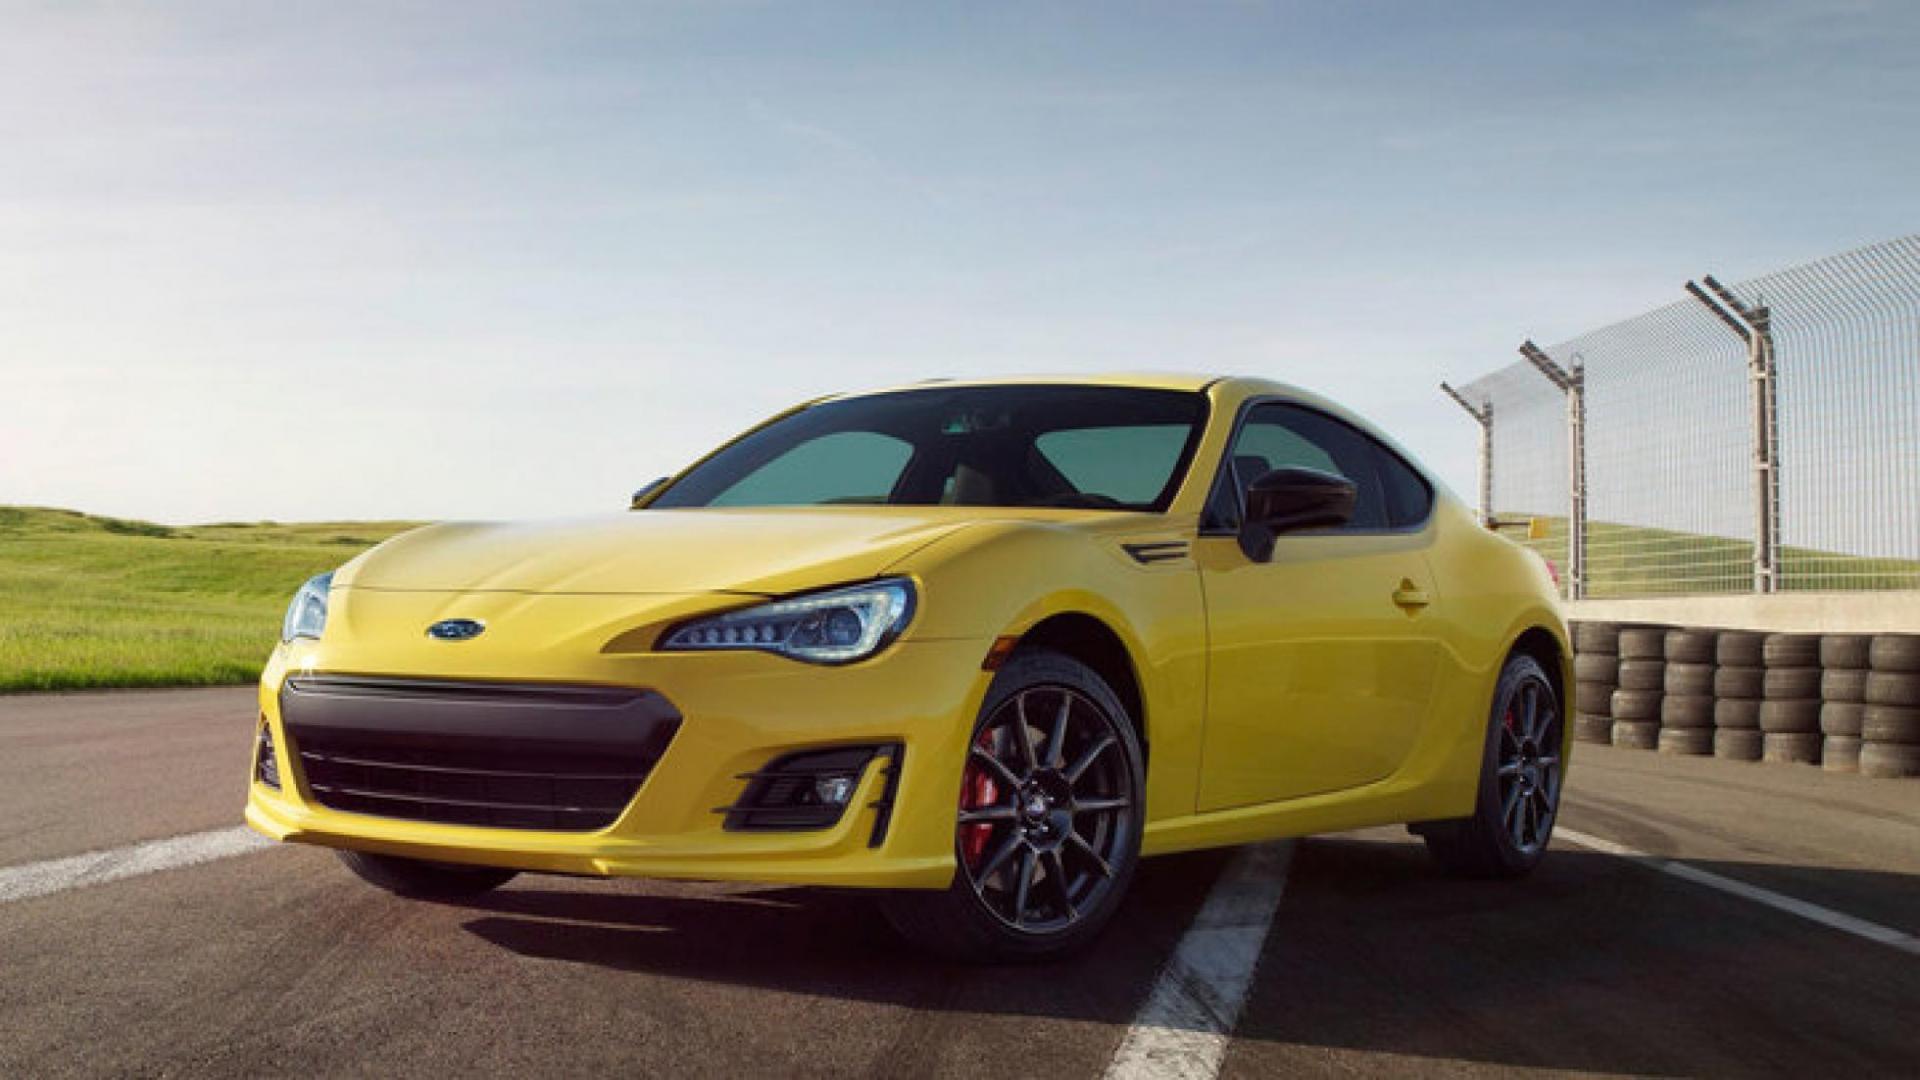 Subaru BRZ ZSeries Yellow 2017